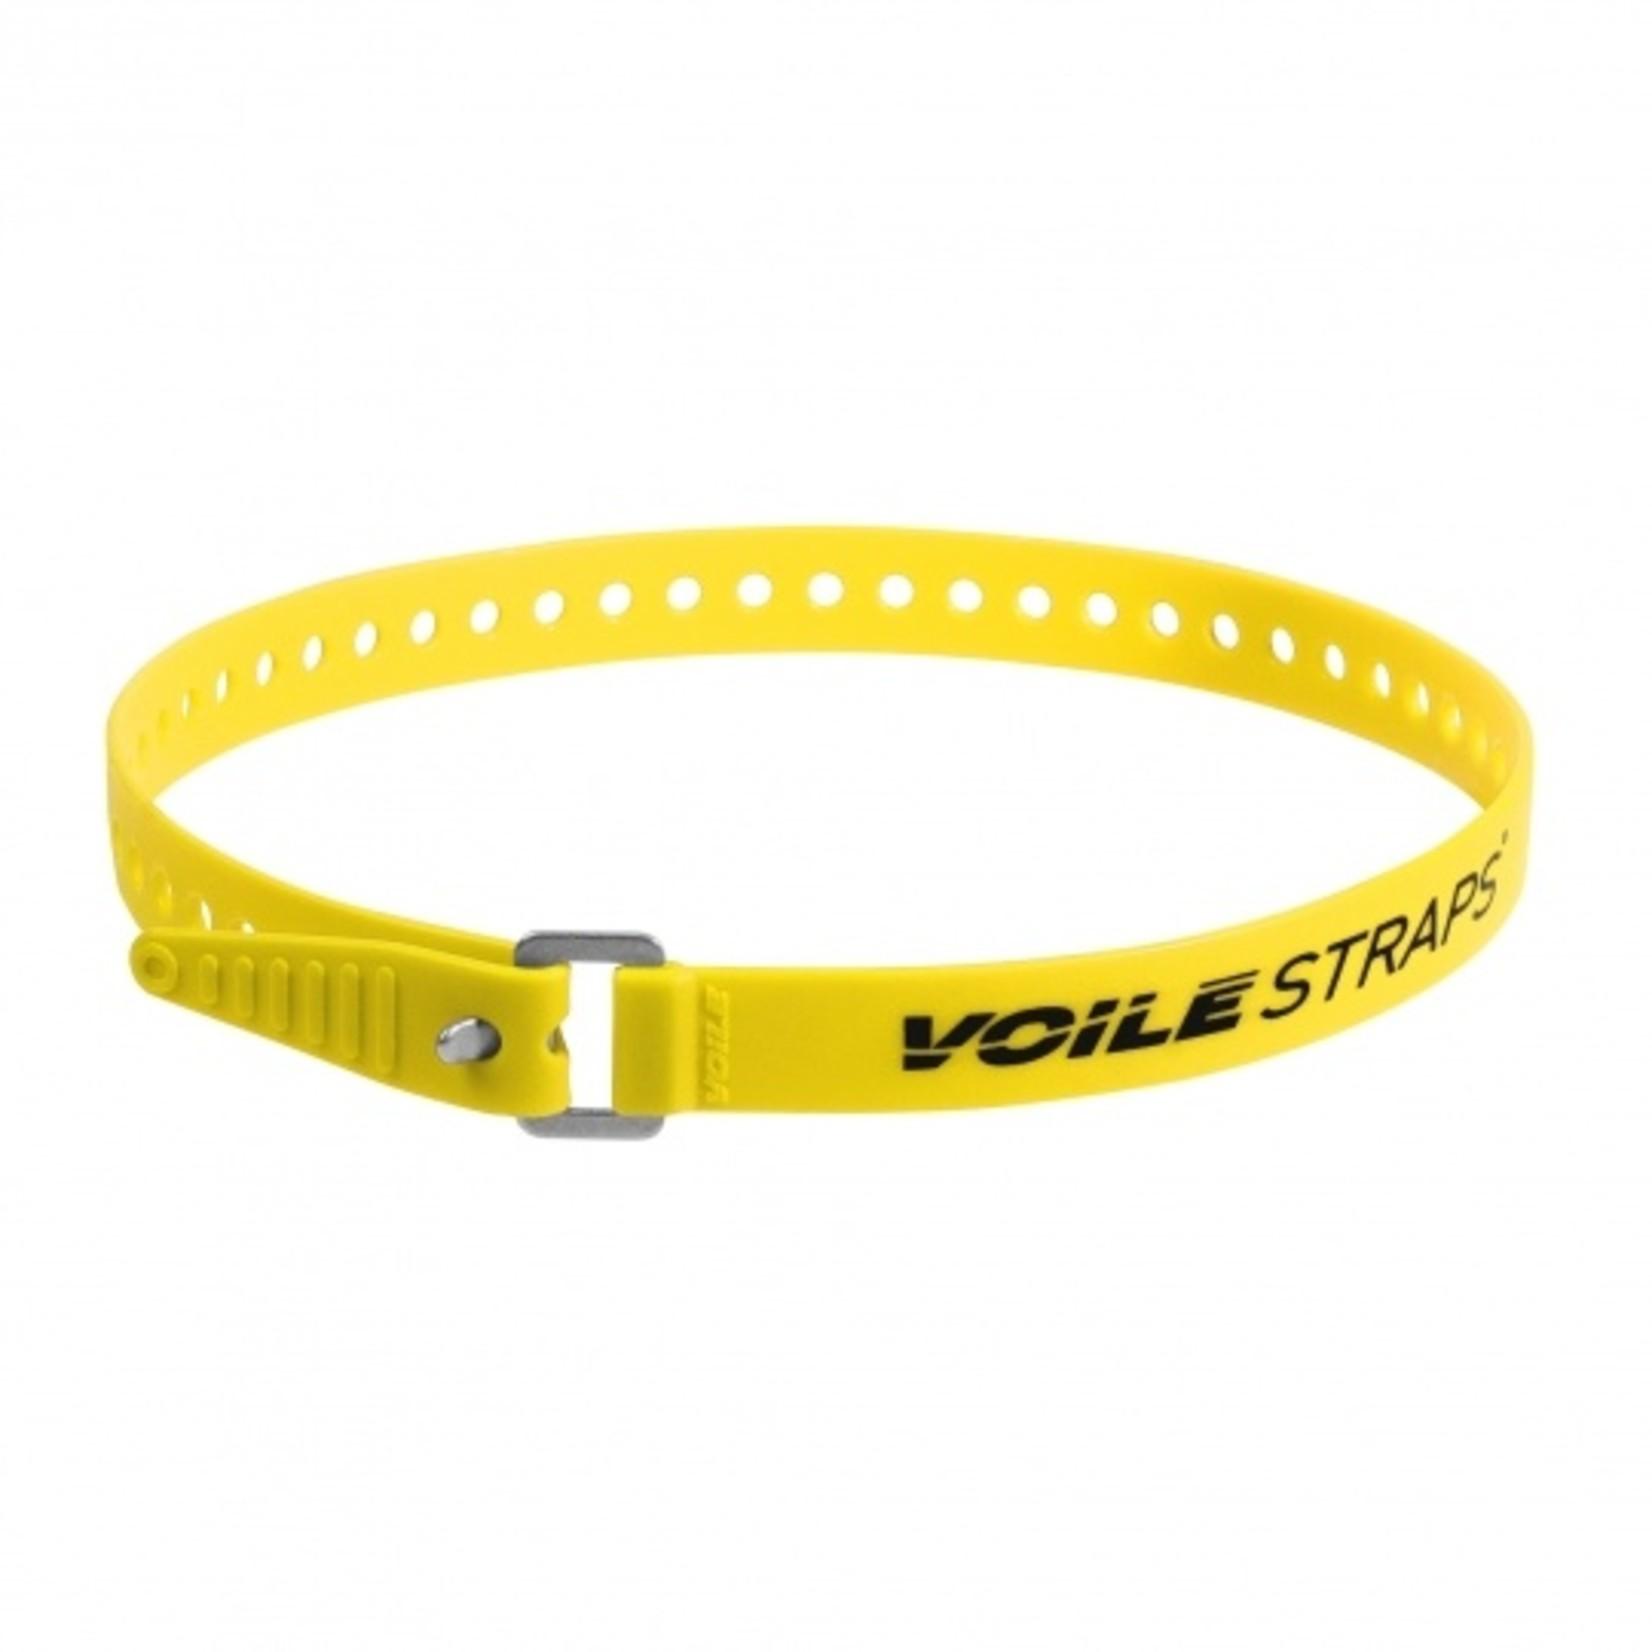 Voile Voile, Straps 25 Inch Aluminium Buckle